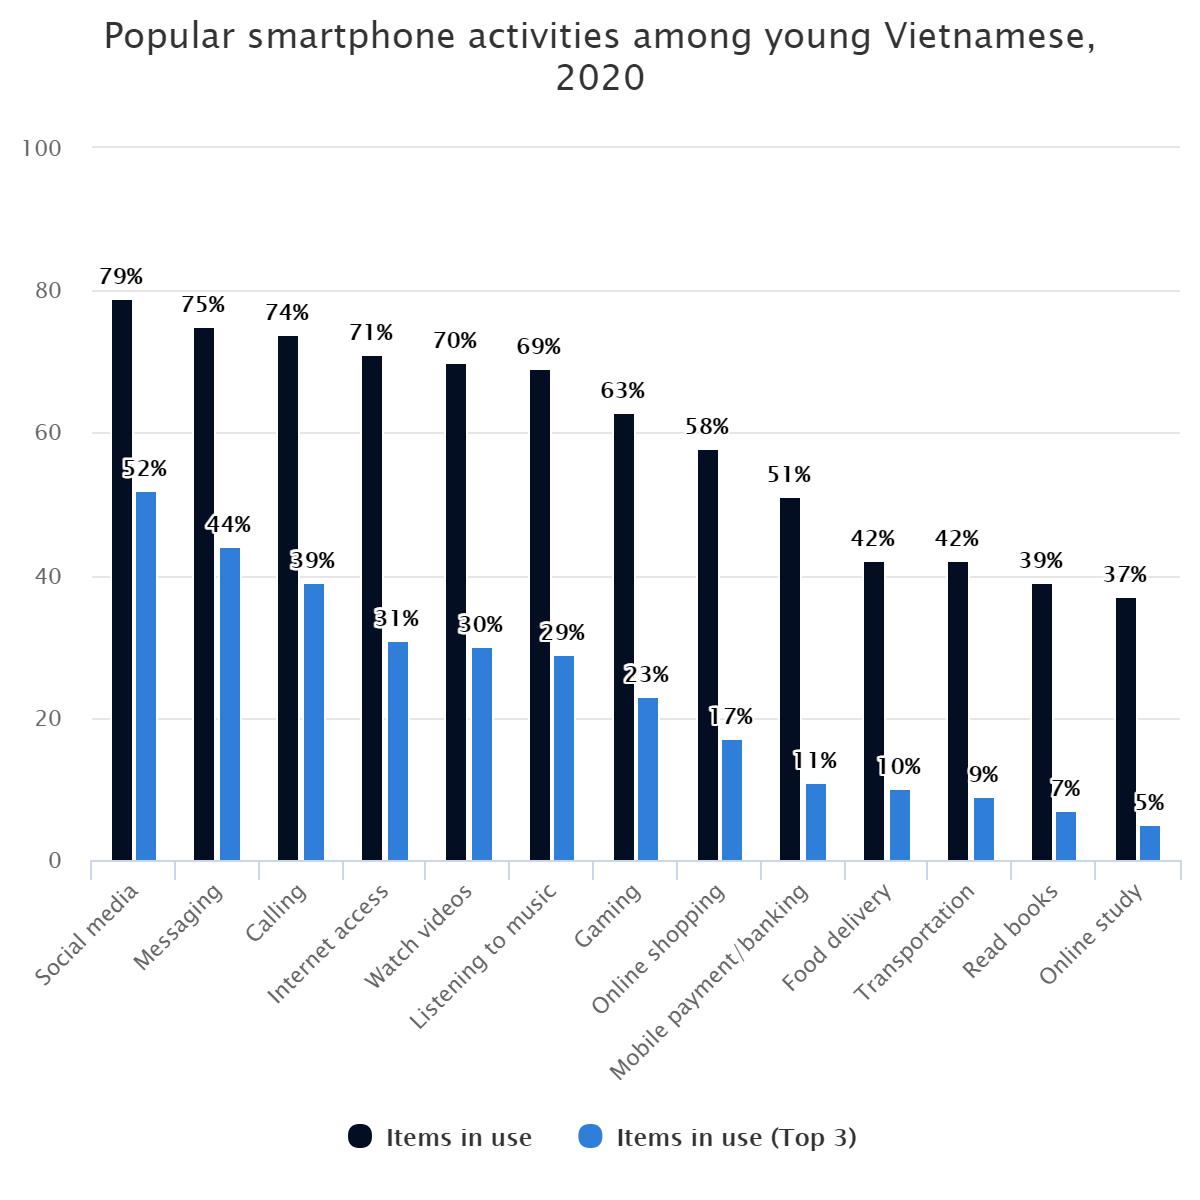 Popular smartphone activities among young Vietnamese, 2020